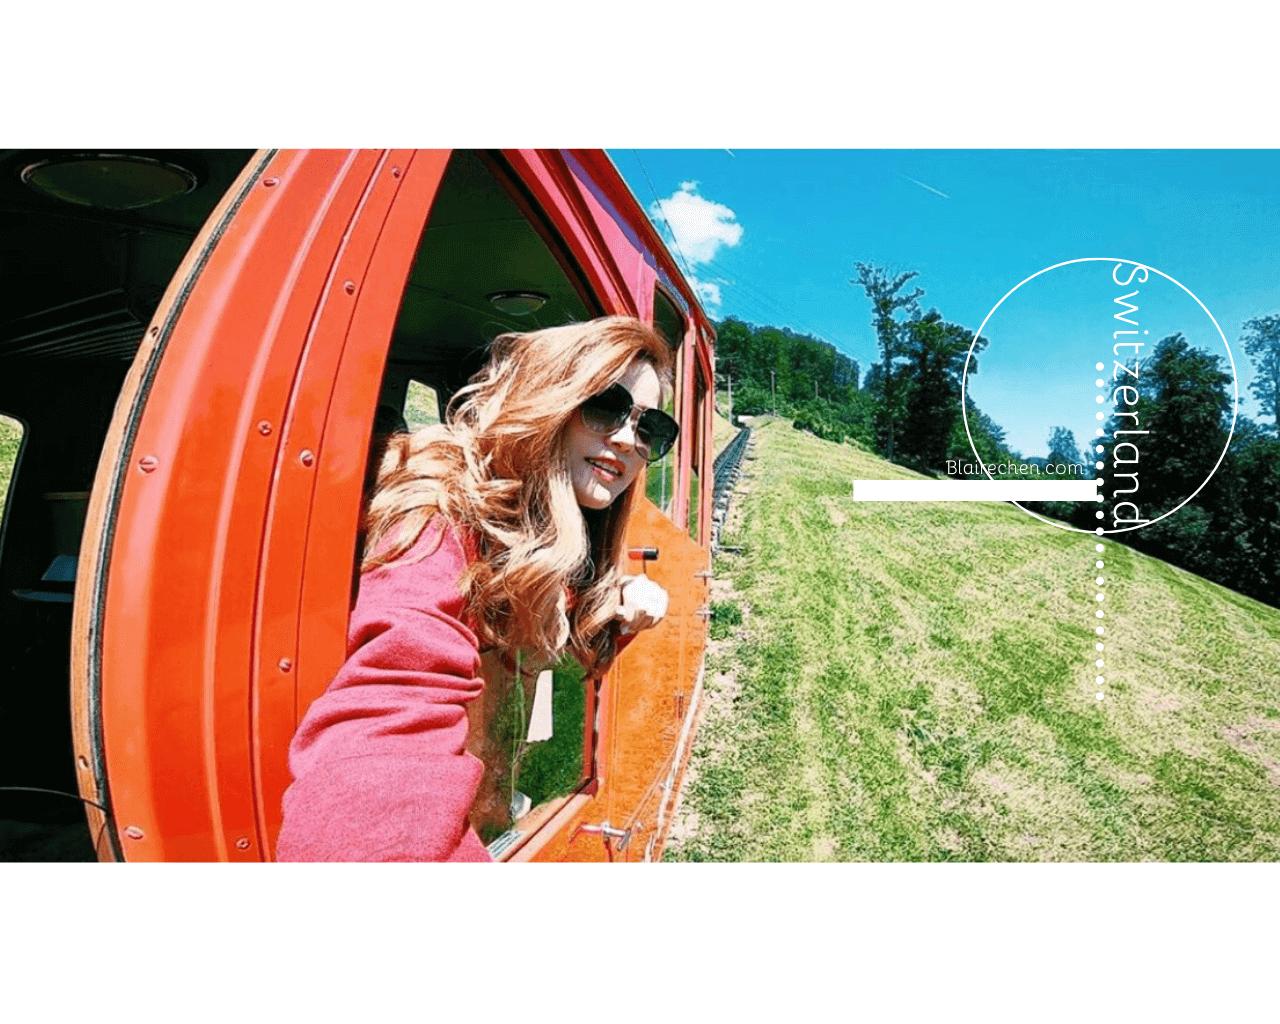 【瑞士就該這樣玩!】|體驗全世界最陡齒軌火車、最長溜滑梯,琉森 LUZERN、皮拉圖斯山PILATUS